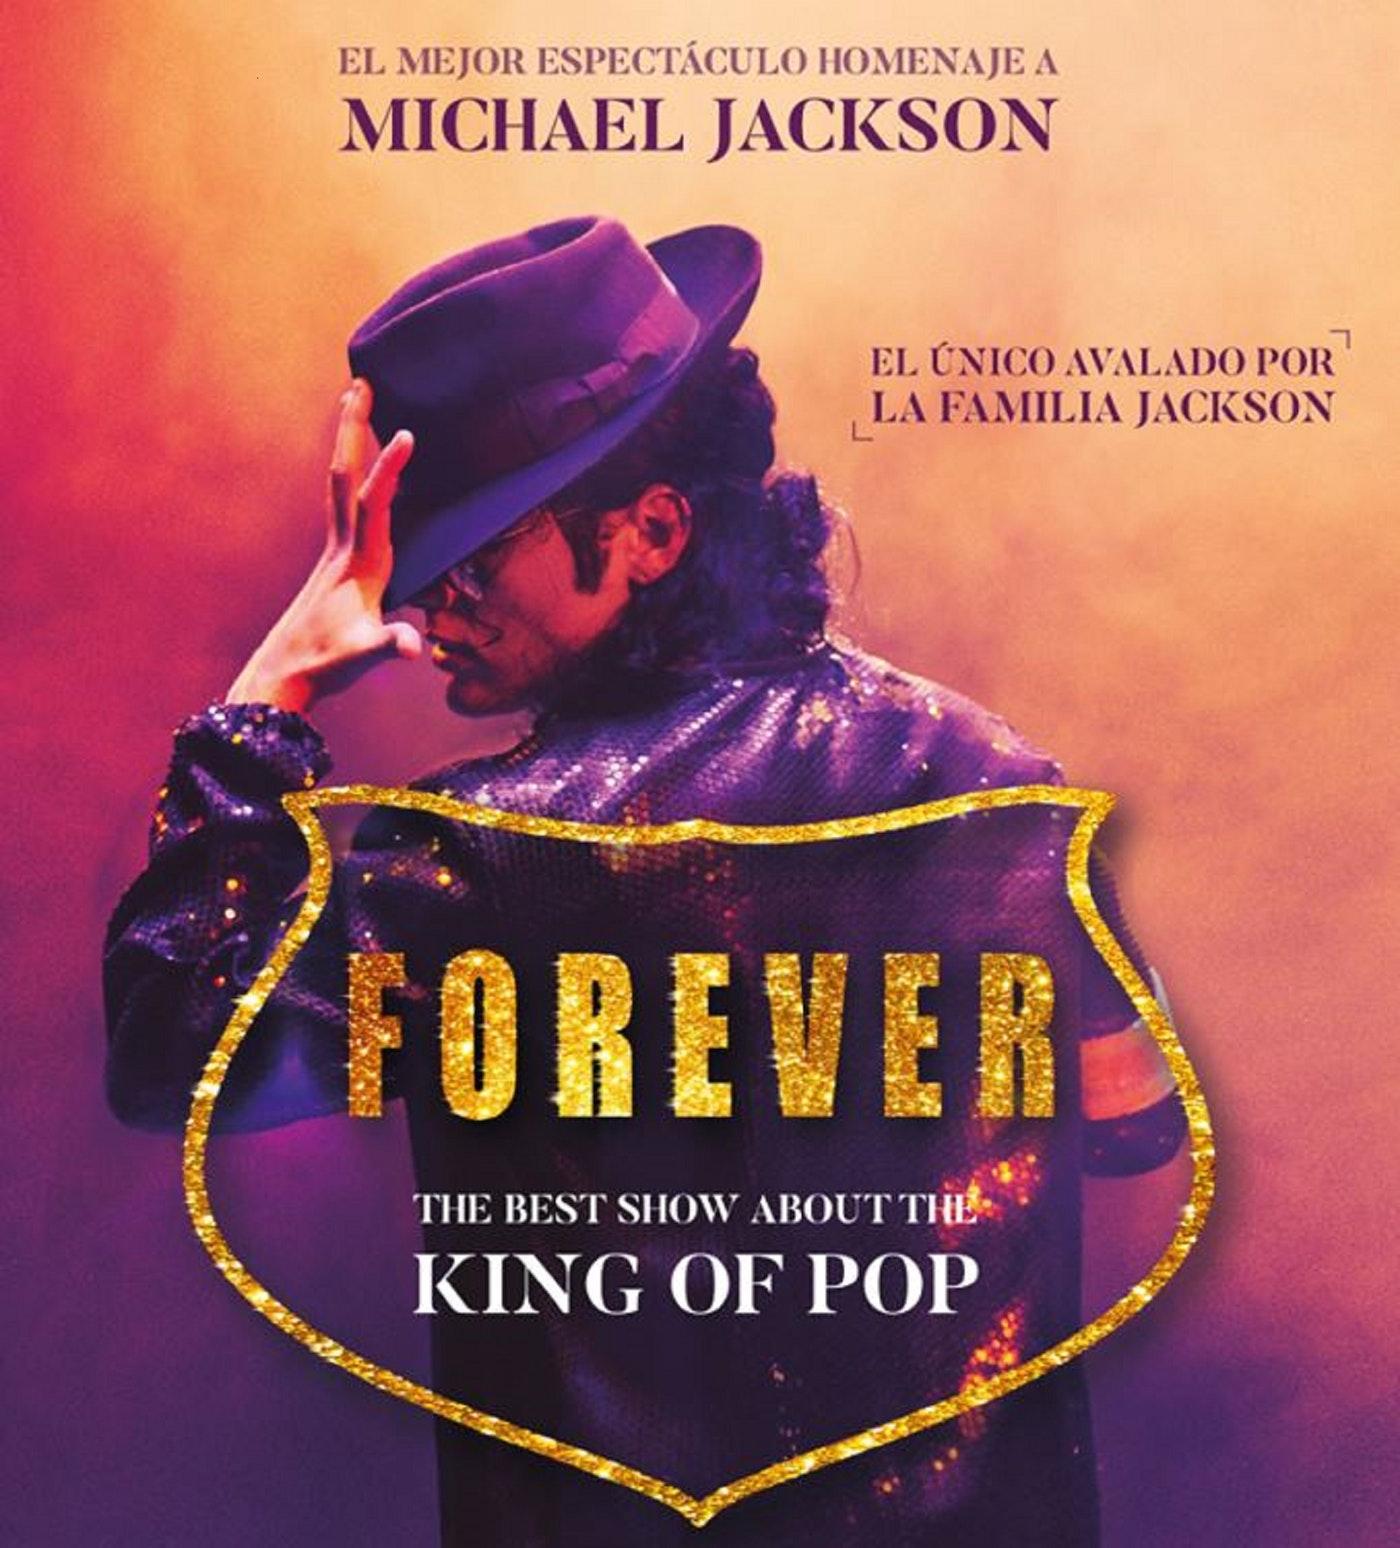 Forever, King of Pop - Michael Jackson